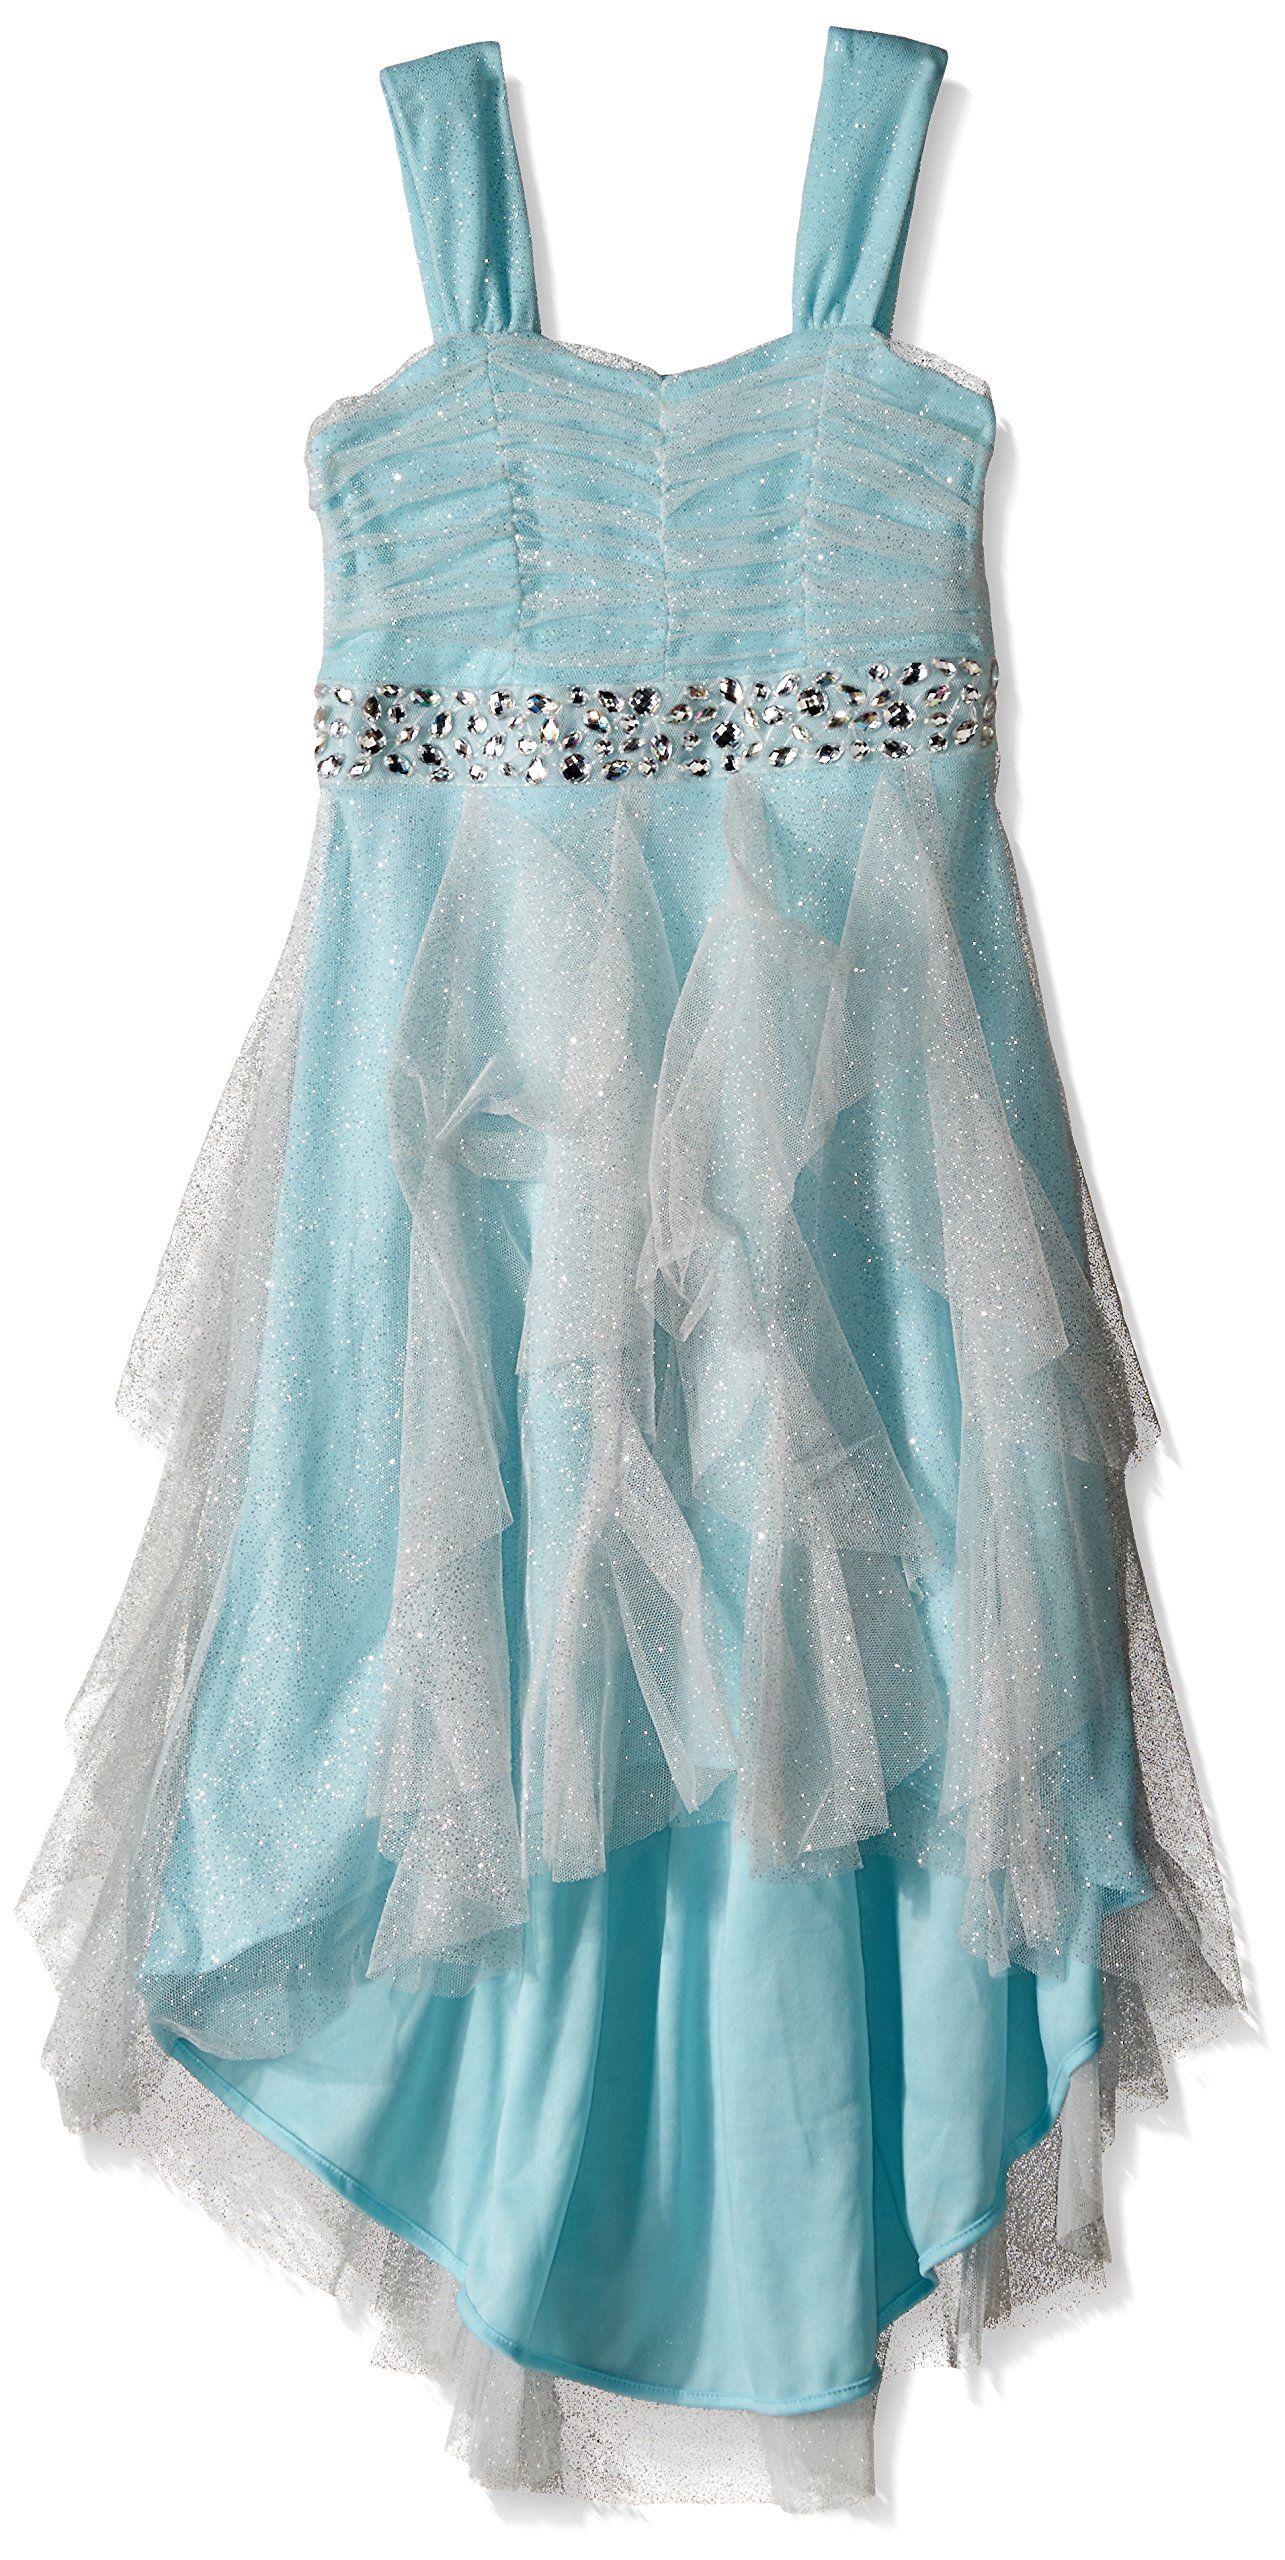 a60c9bdd640 Tween Diva Big Girls  Glitter Mesh High Low Cascade Dress